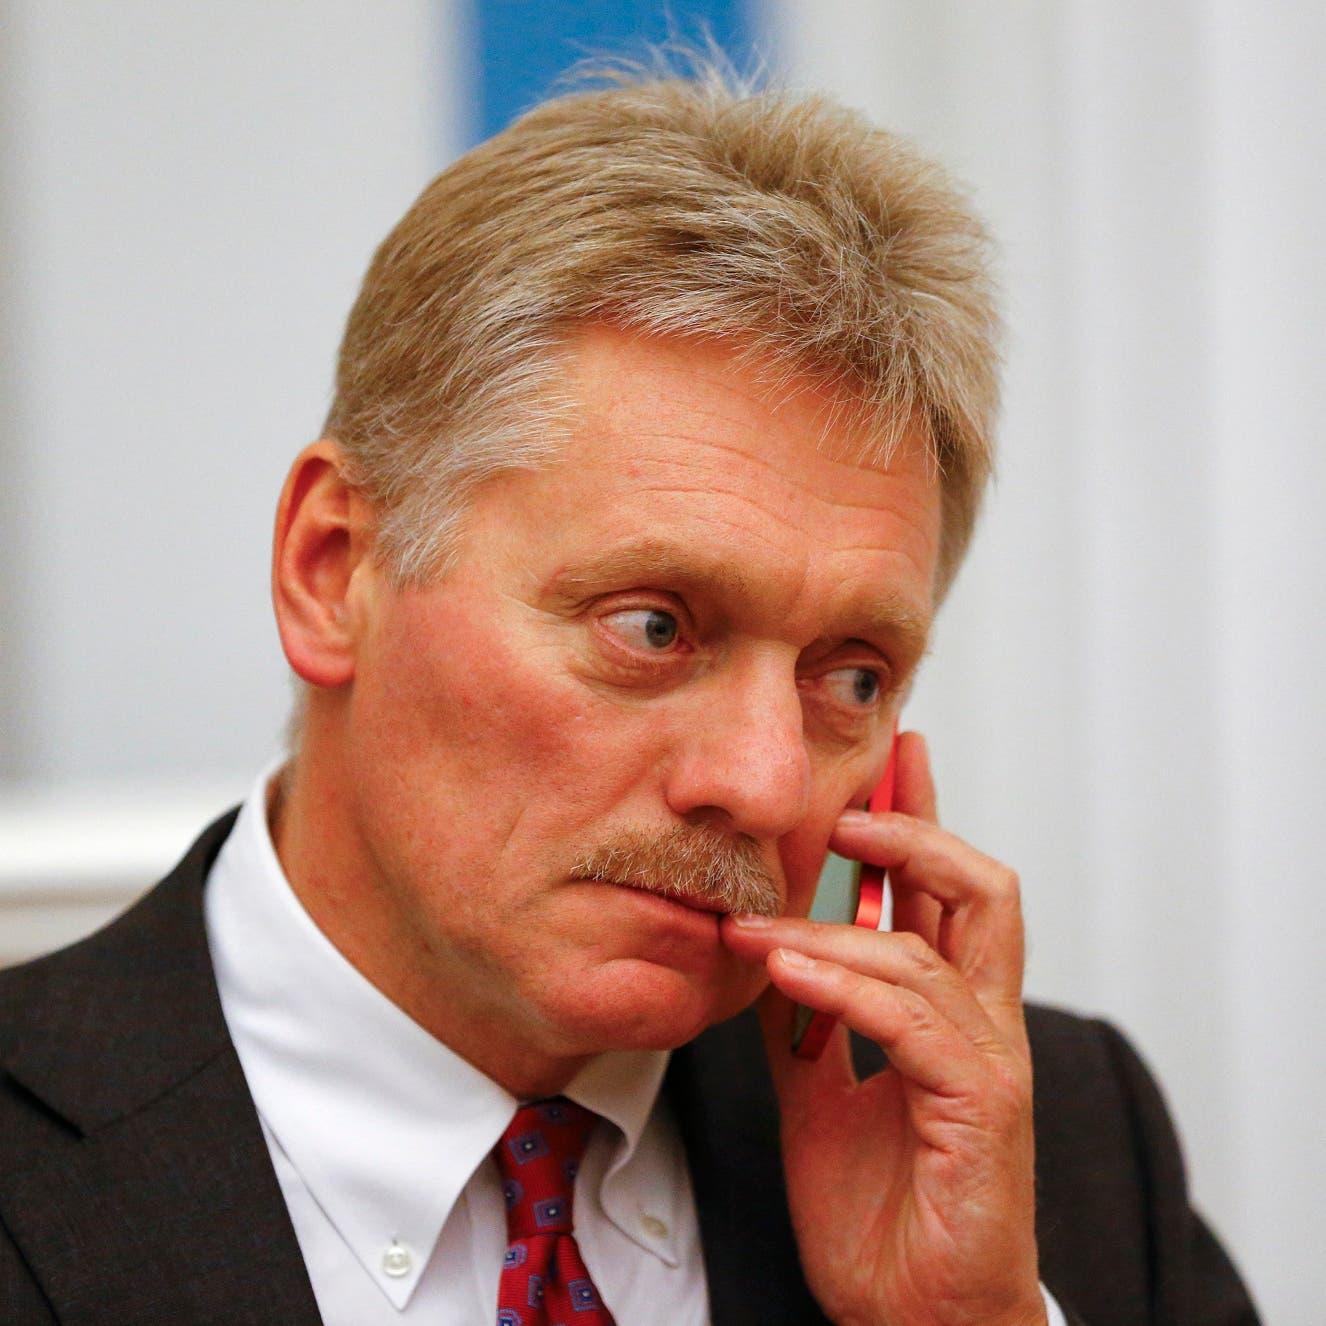 روسيا: غوغل وأبل امتثلتا لقانوننا بحذف تطبيق للمعارضة